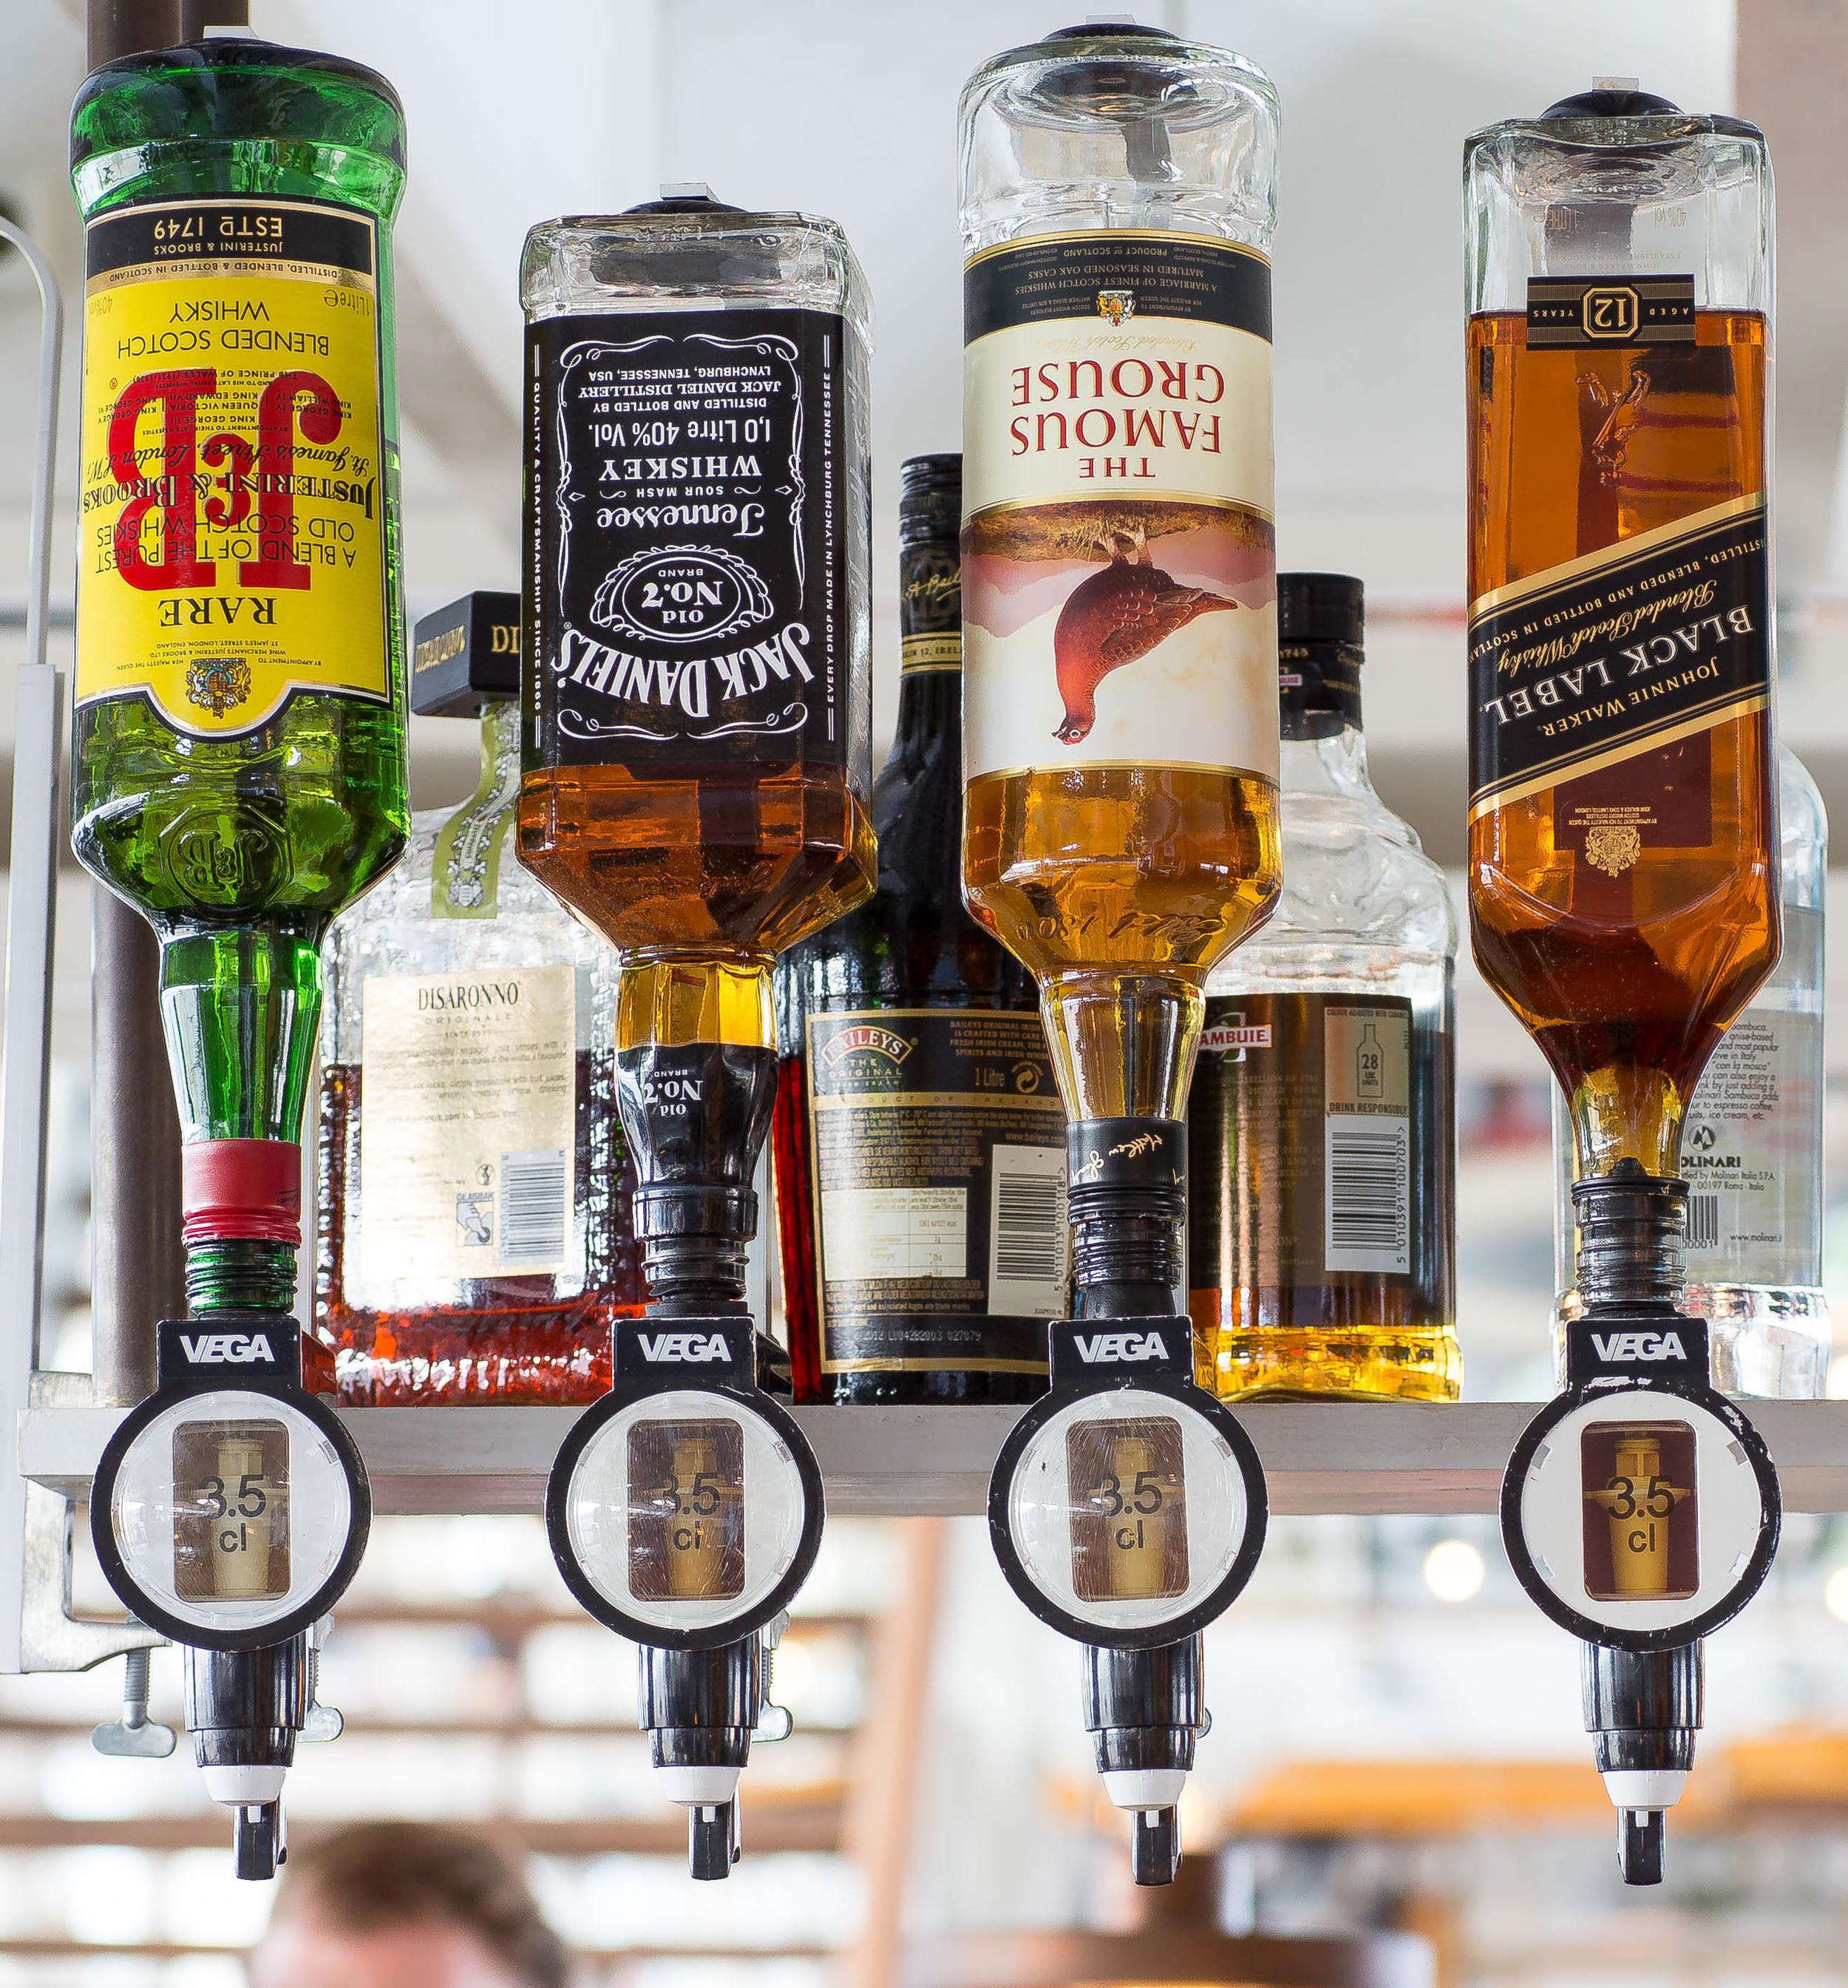 Internationale Whisky Festival Den Haag